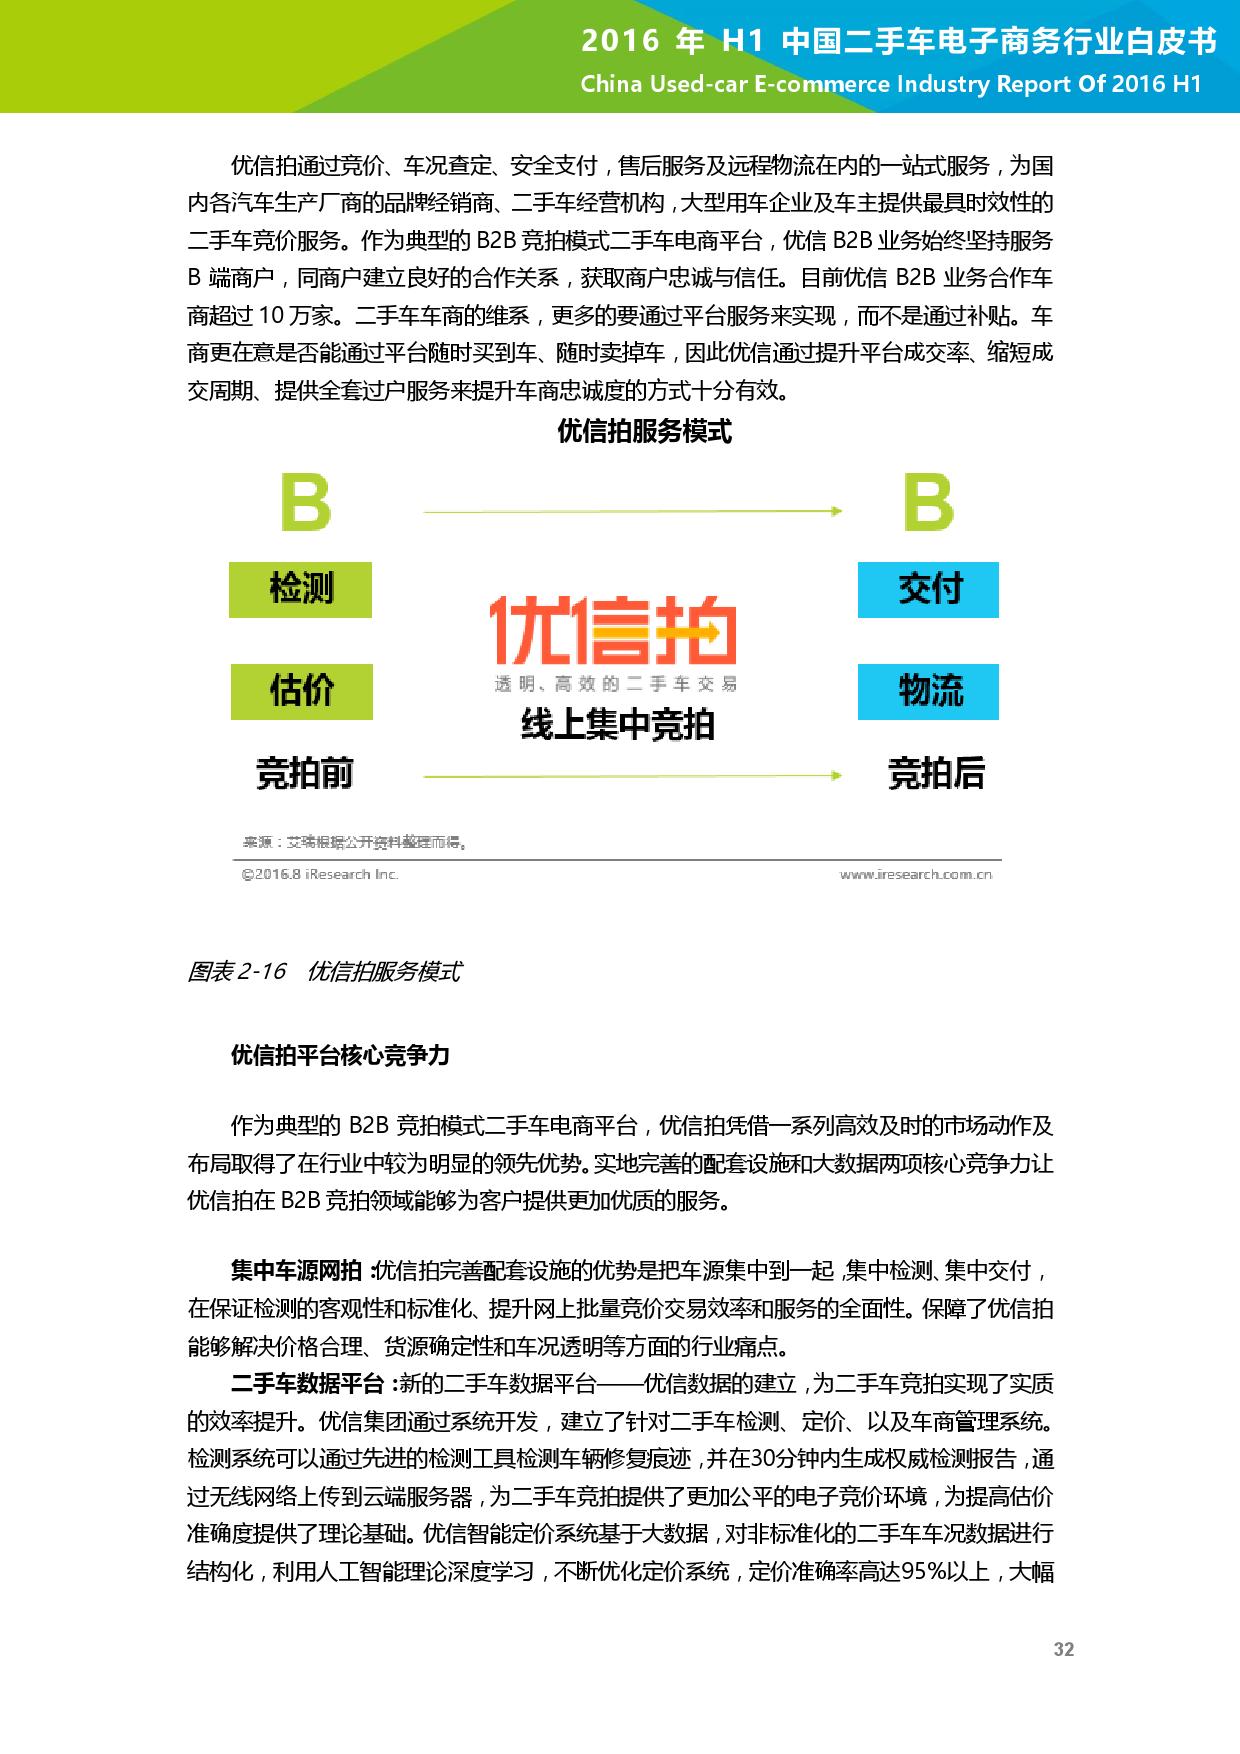 2016年H1中国二手车电子商务行业白皮书_000033